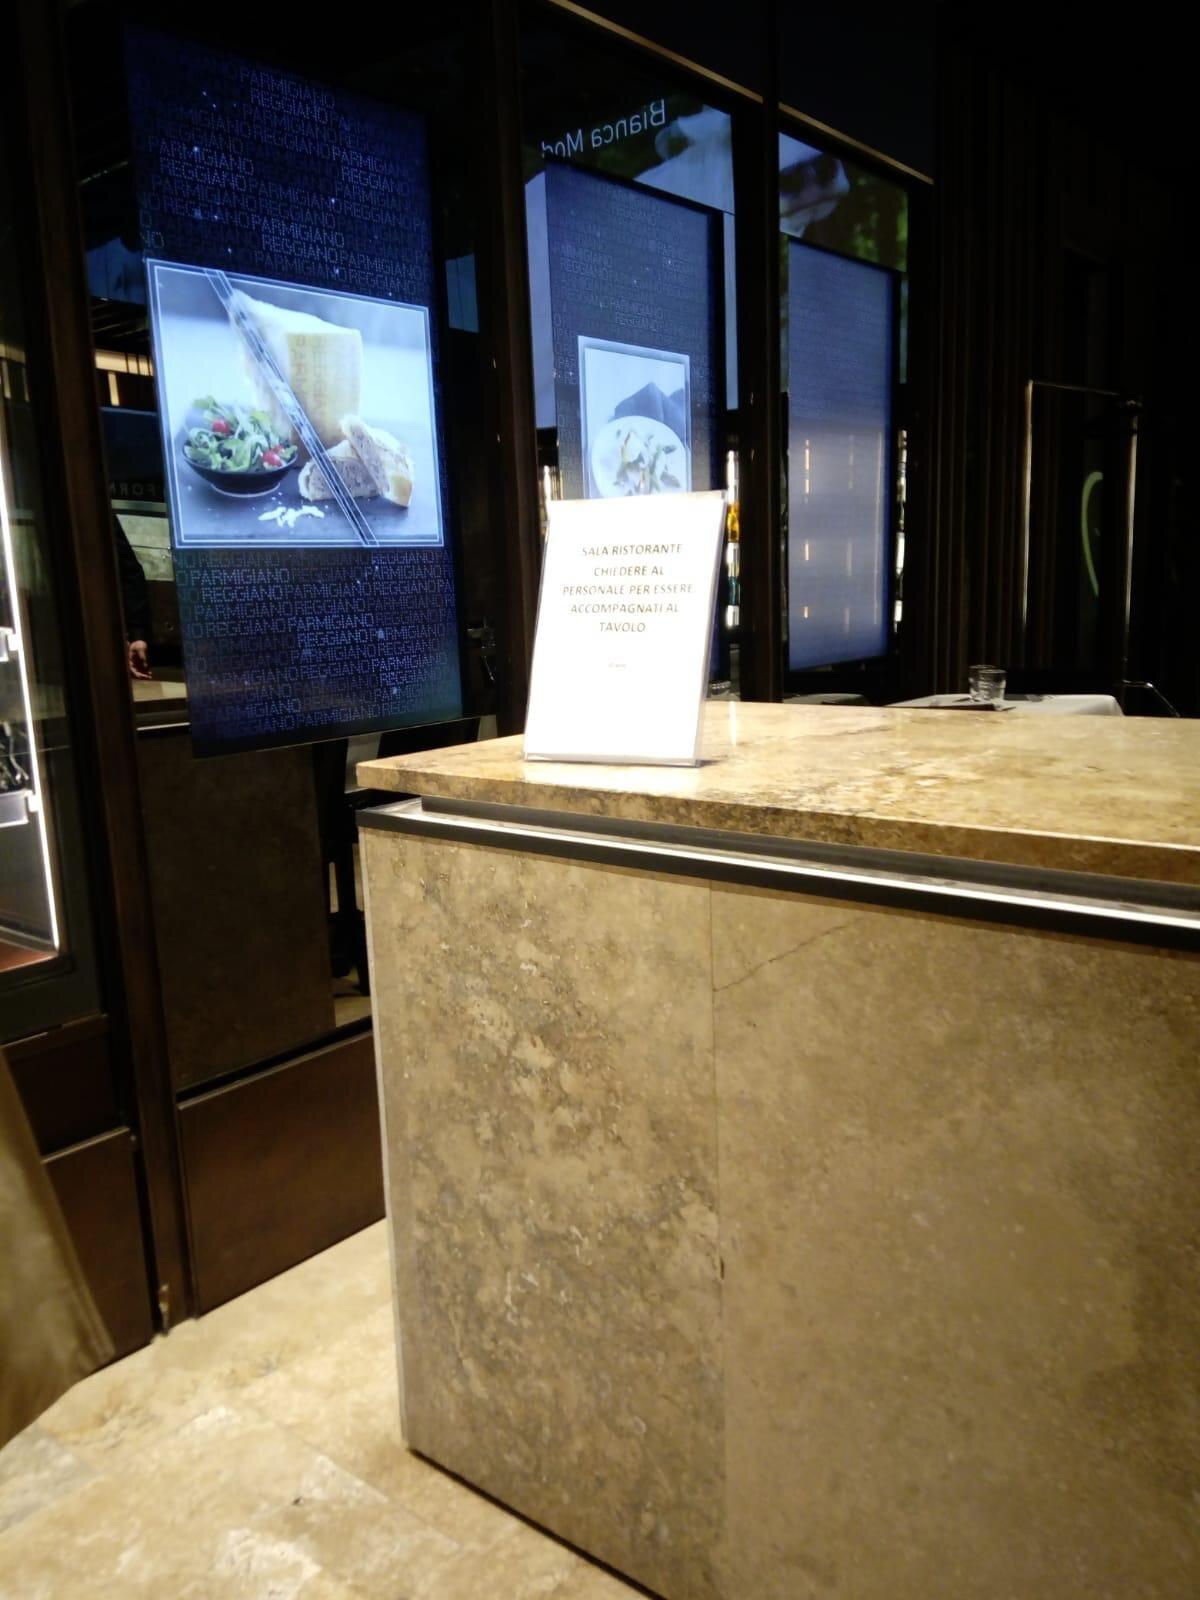 Stand Parmigiano FICO - Foto 2